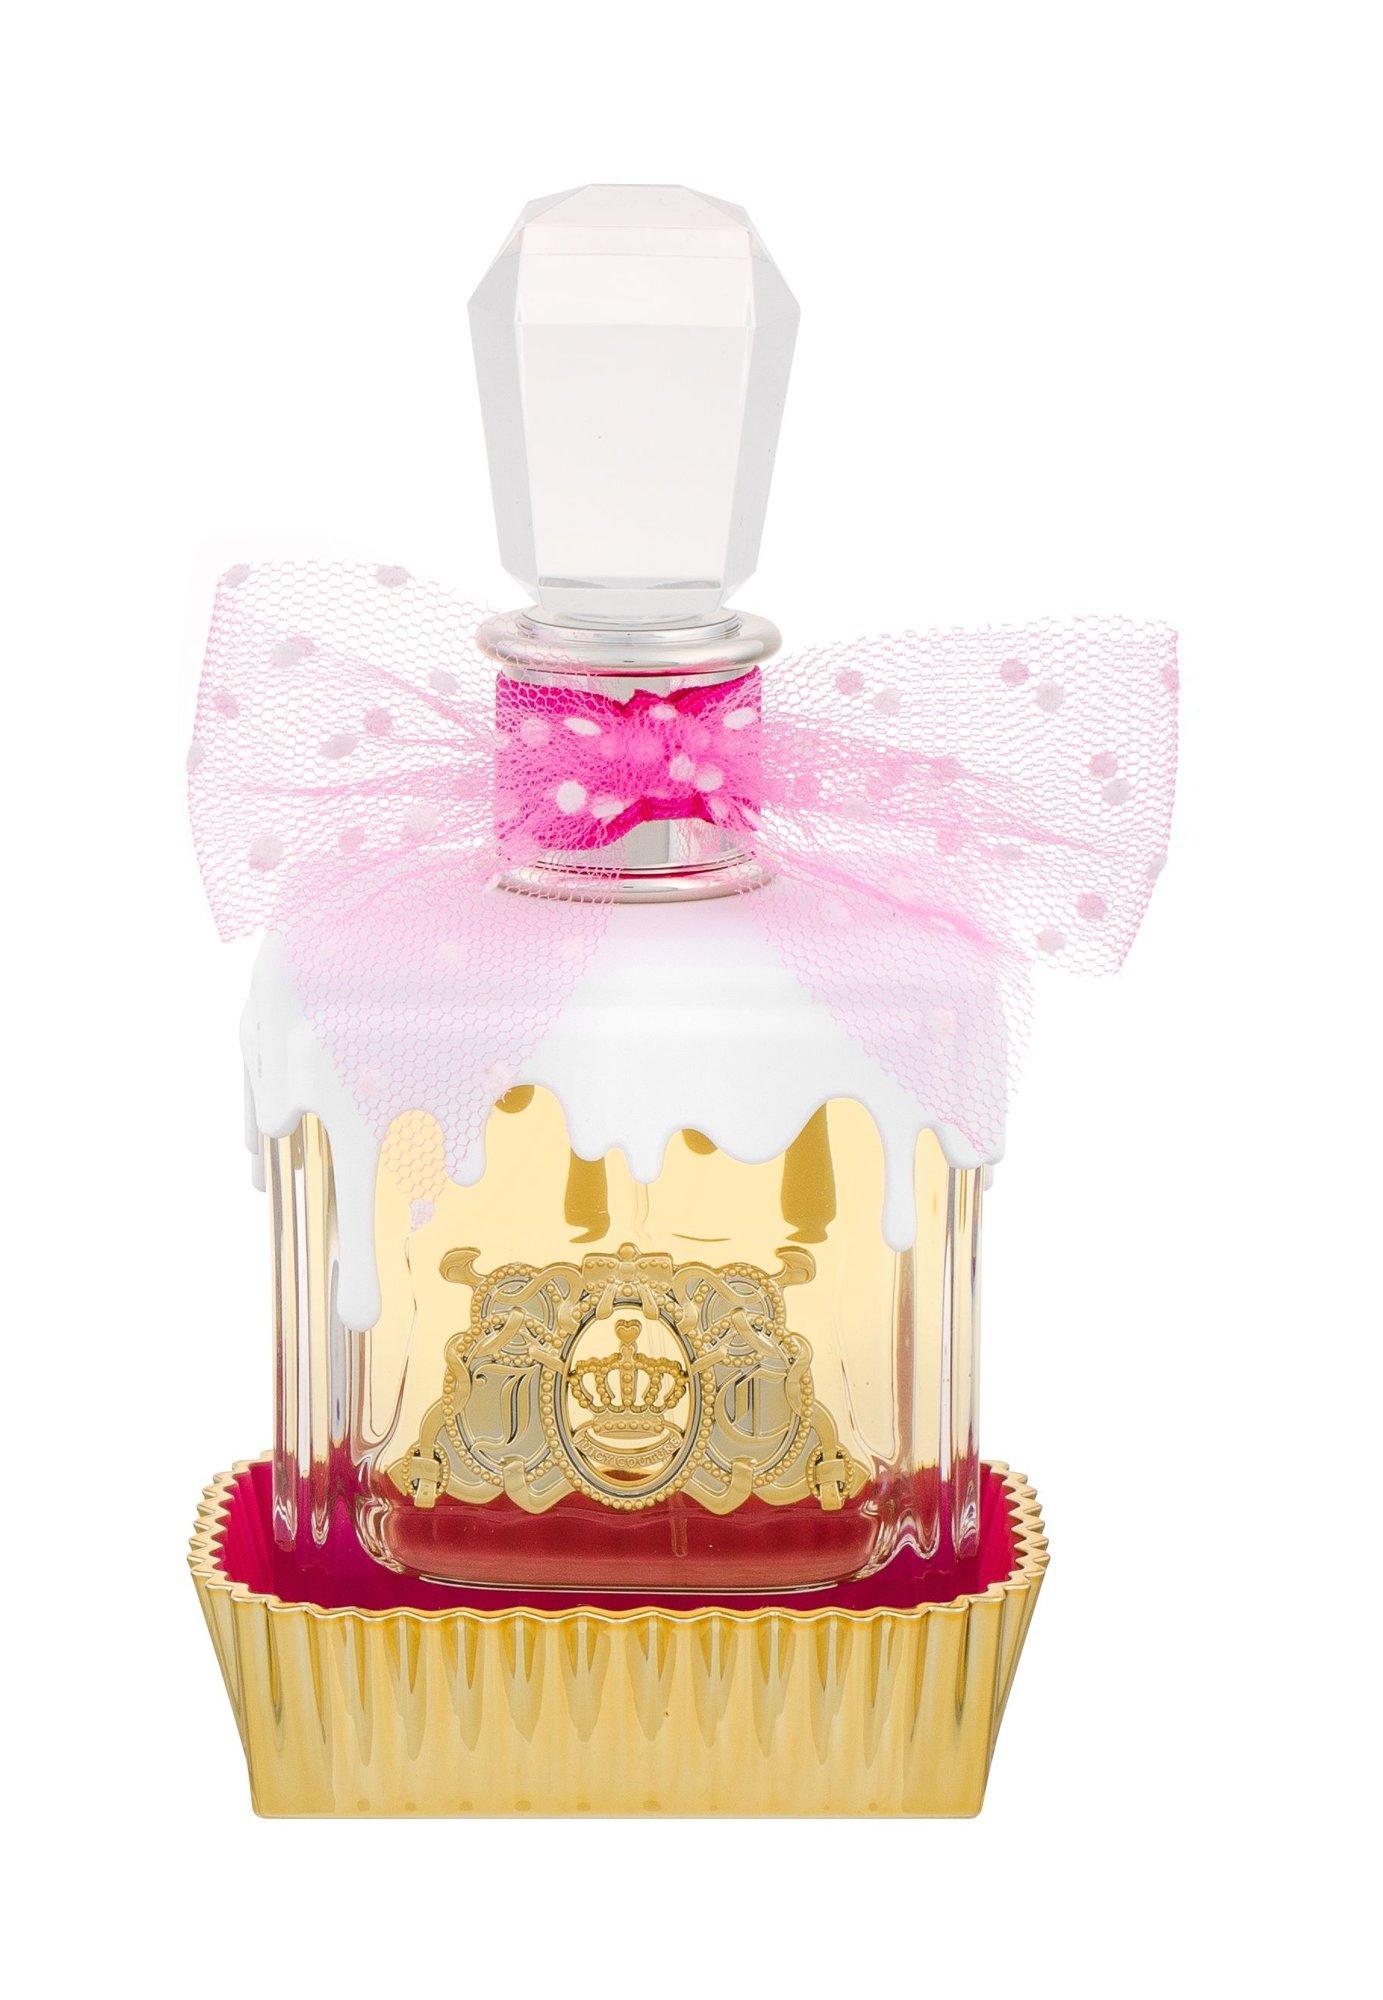 Juicy Couture Viva La Juicy Sucré Eau de Parfum 100ml